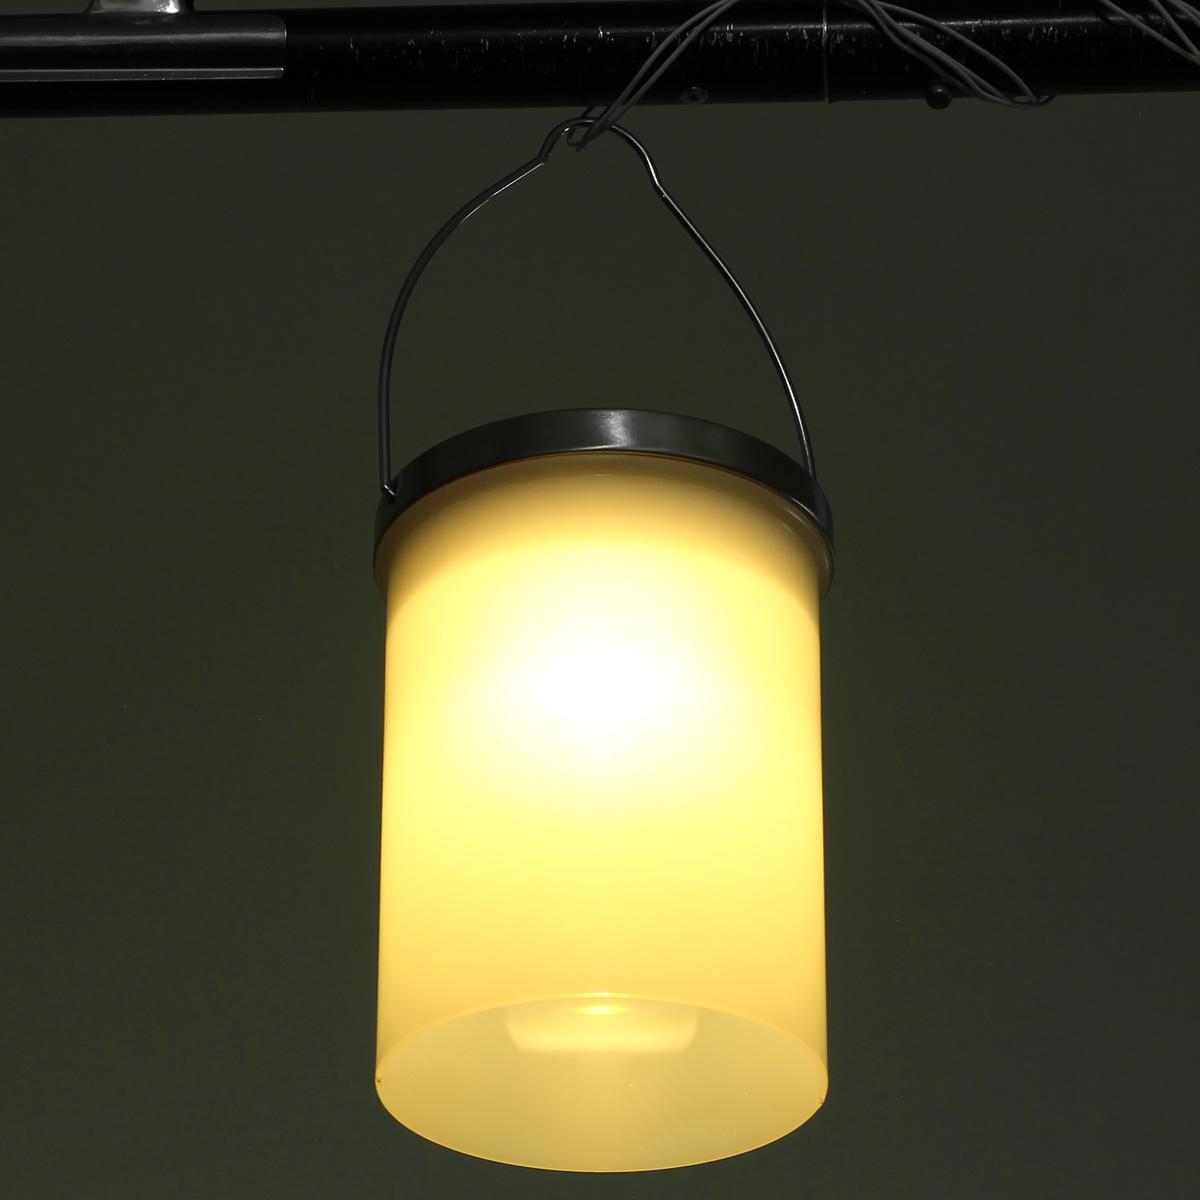 Solar powered hanging cylinder outdoor light led landscape for Landscape lighting lamps